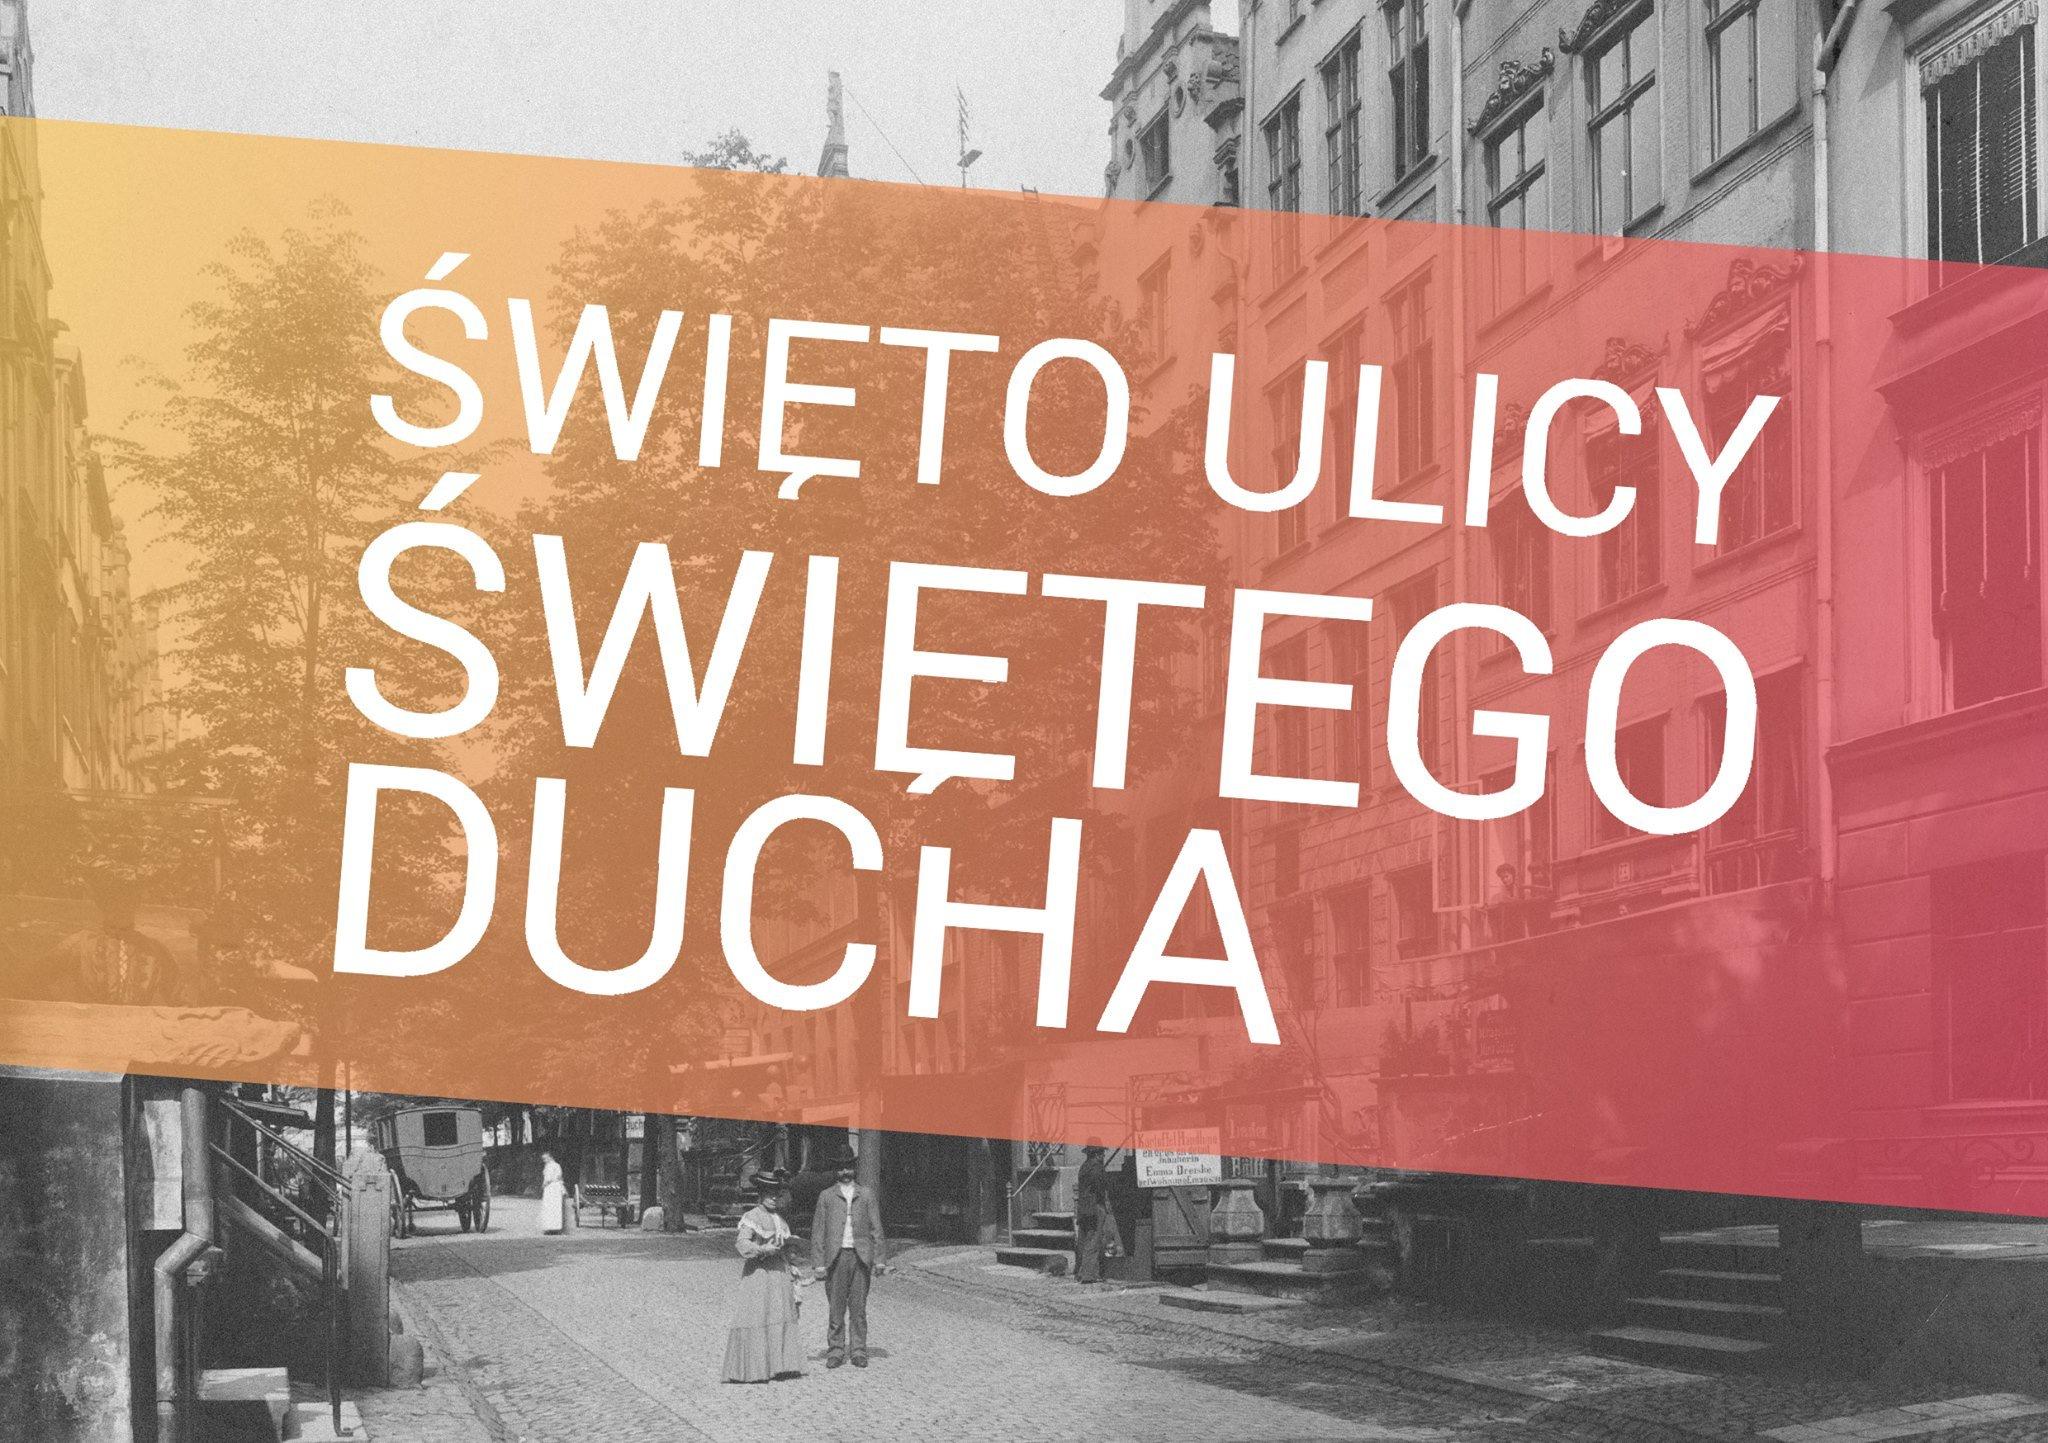 święto ulicy św ducha Fundacja GDańśka - atrakcje dla dzieci i młodzieży Gdańsk